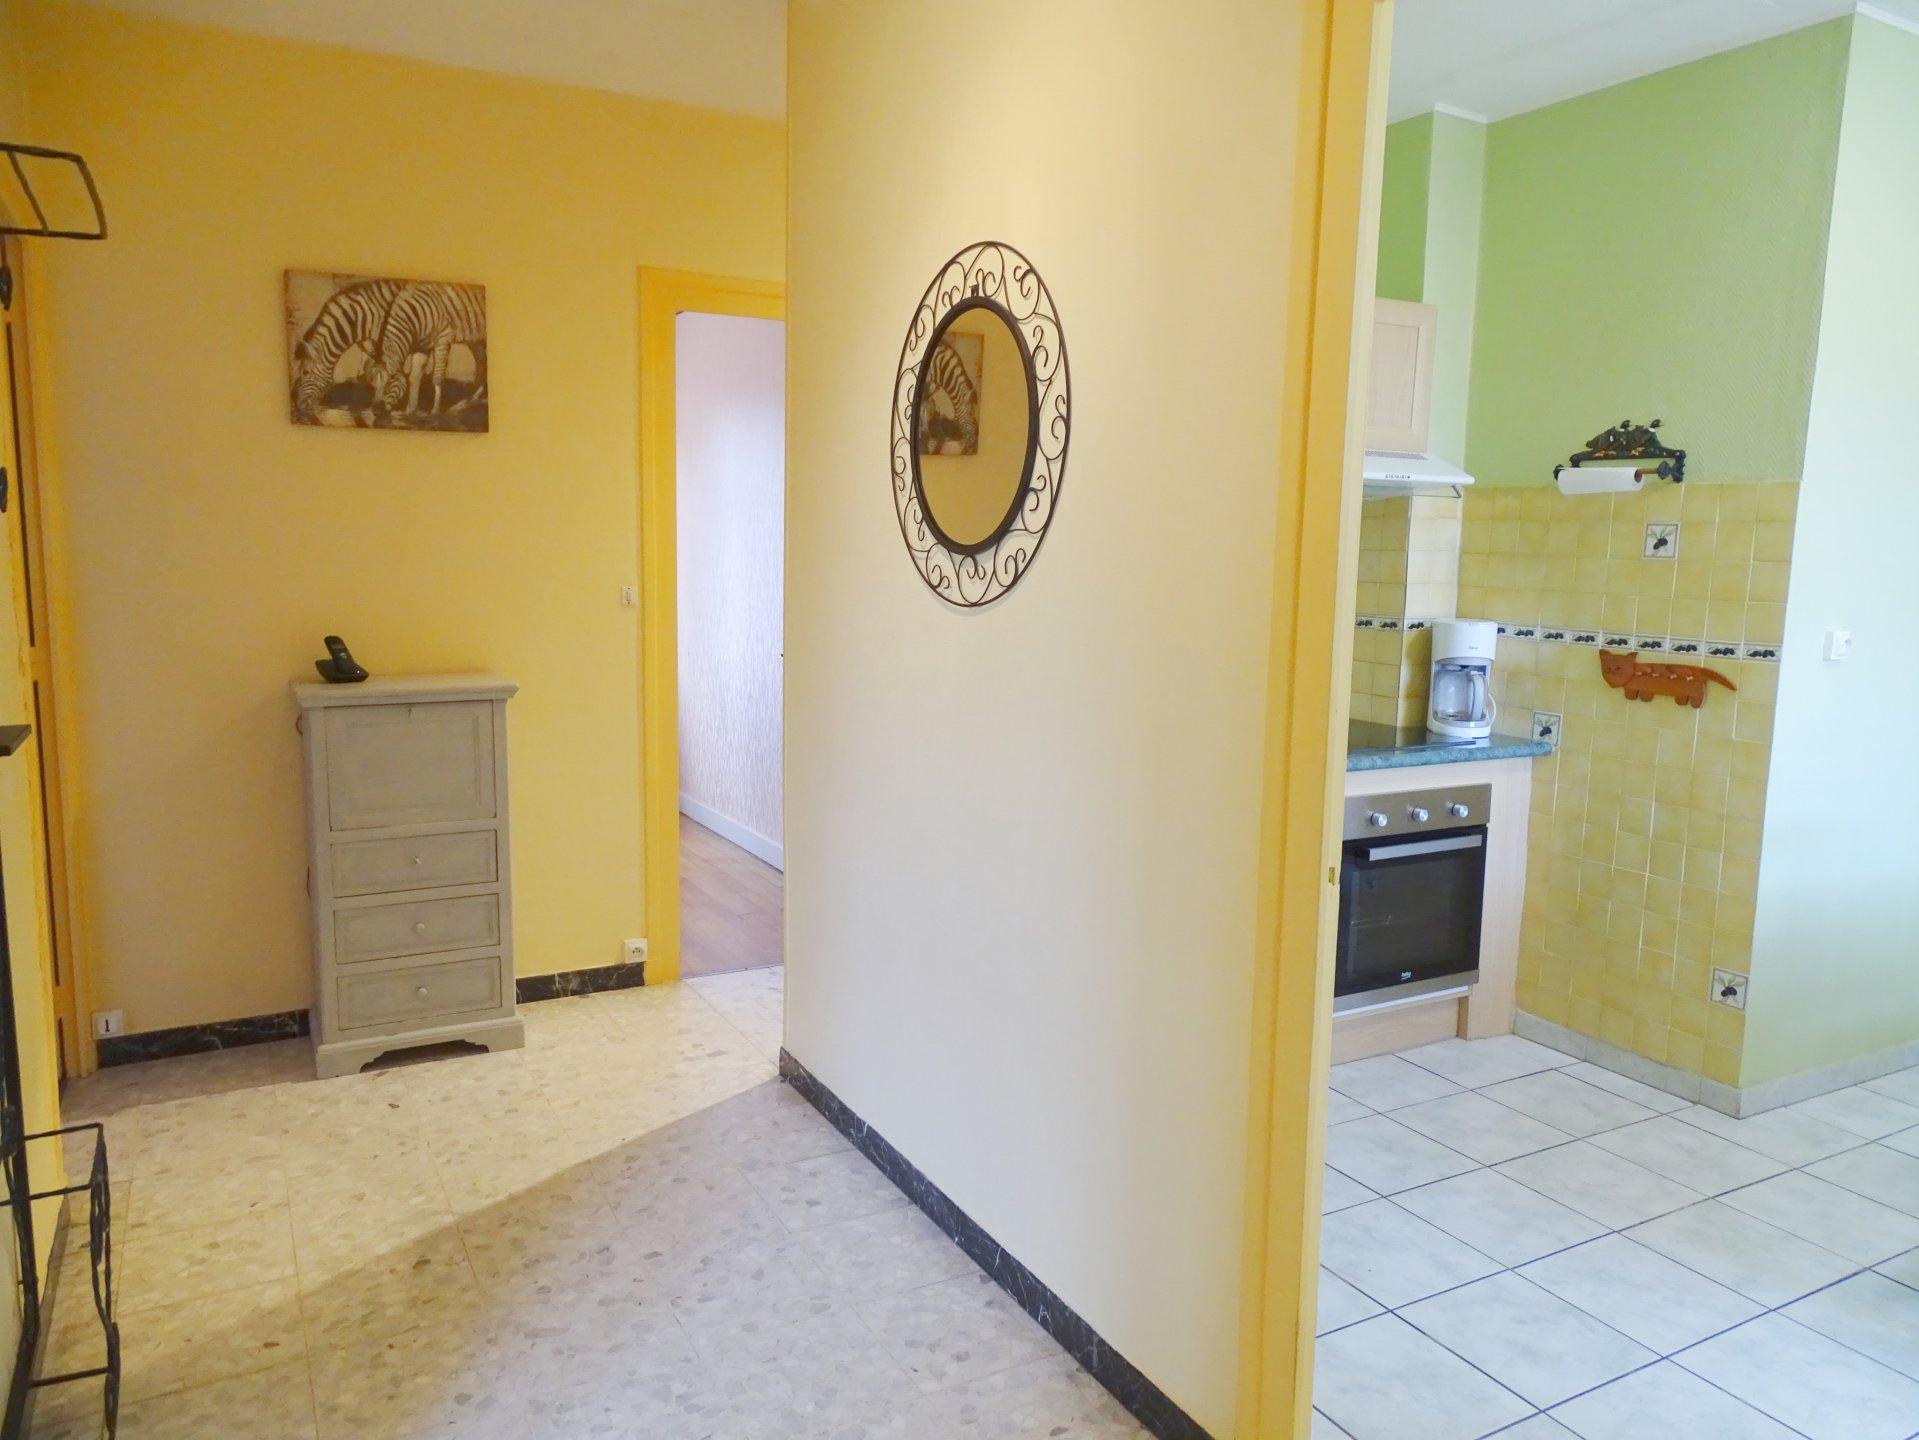 A quelques pas du centre de Charnay lès Mâcon, venez découvrir cette maison des années 50 qui vous séduira par son potentiel et ses beaux volumes. D'une surface de 90 m² habitable, elle se compose d'un spacieux séjour, un espace salon, une cuisine indépendante équipée, deux chambres ainsi qu'un bureau, une salle de bains et un toilette. Au rez-de-chaussée, vous trouverez un garage ainsi que deux espaces chaufferie. Le tout est implanté sur un terrain clos de 500 m². Maison lumineuse et disposant de nombreux rangements. Honoraires à la charge du vendeur.